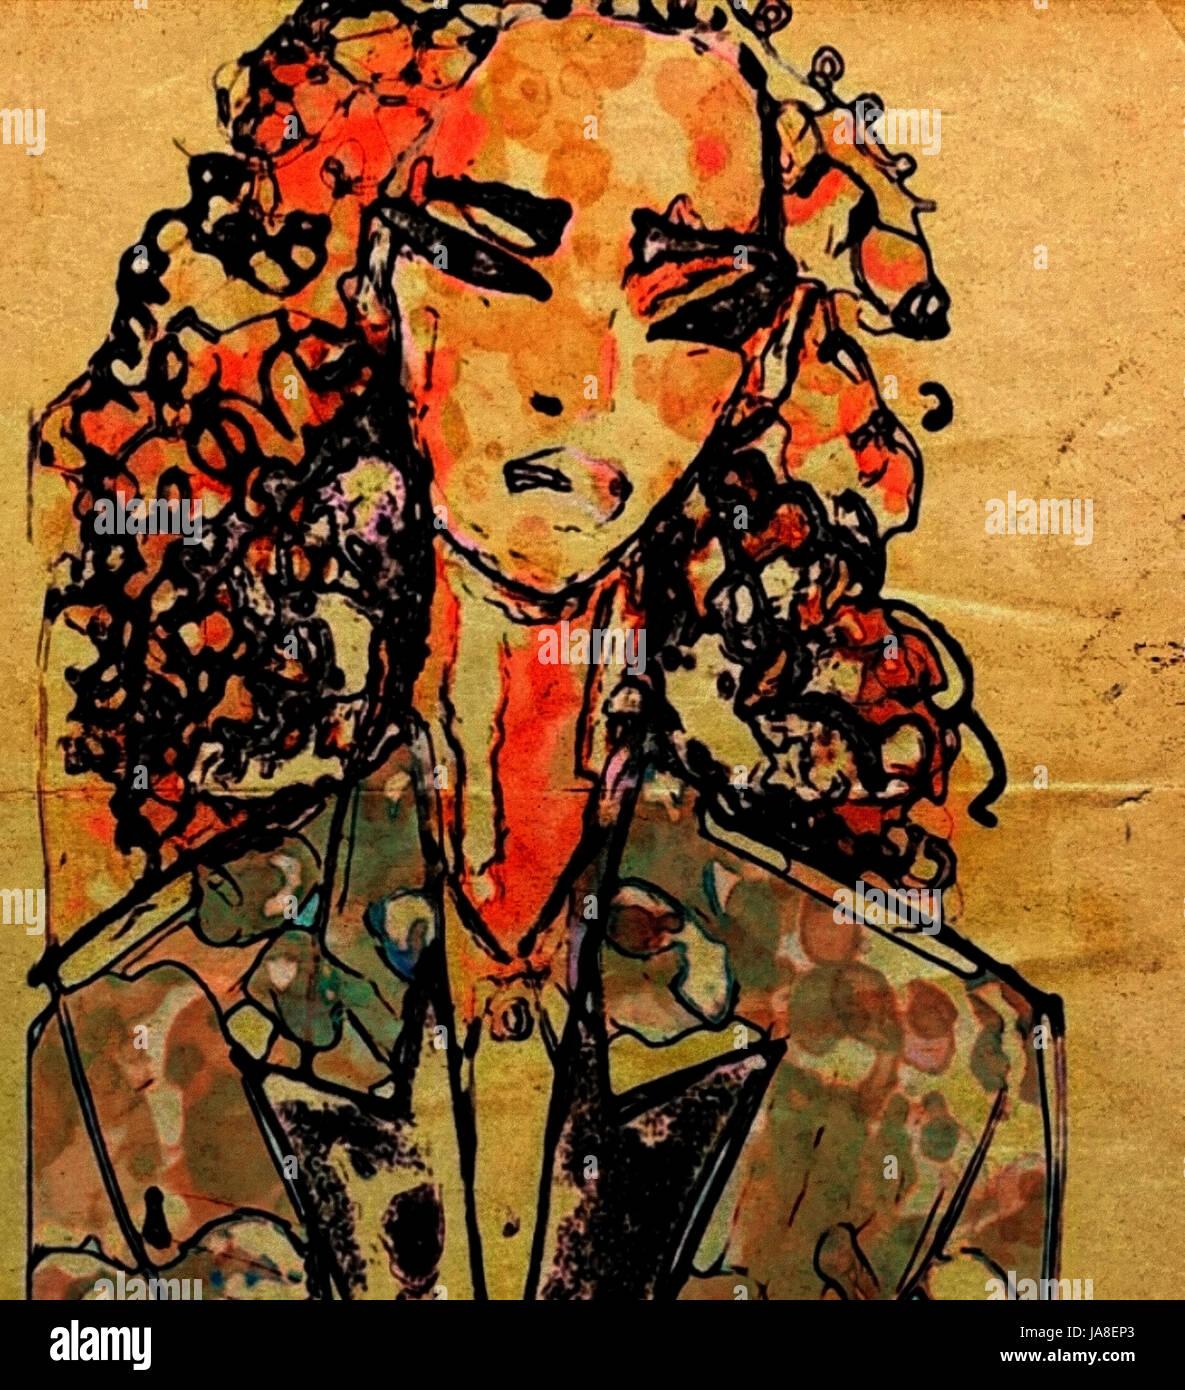 L'art abstrait esquisse d'une belle jeune femme cheveux longs bouclés recouverts de peintures multicolores Banque D'Images